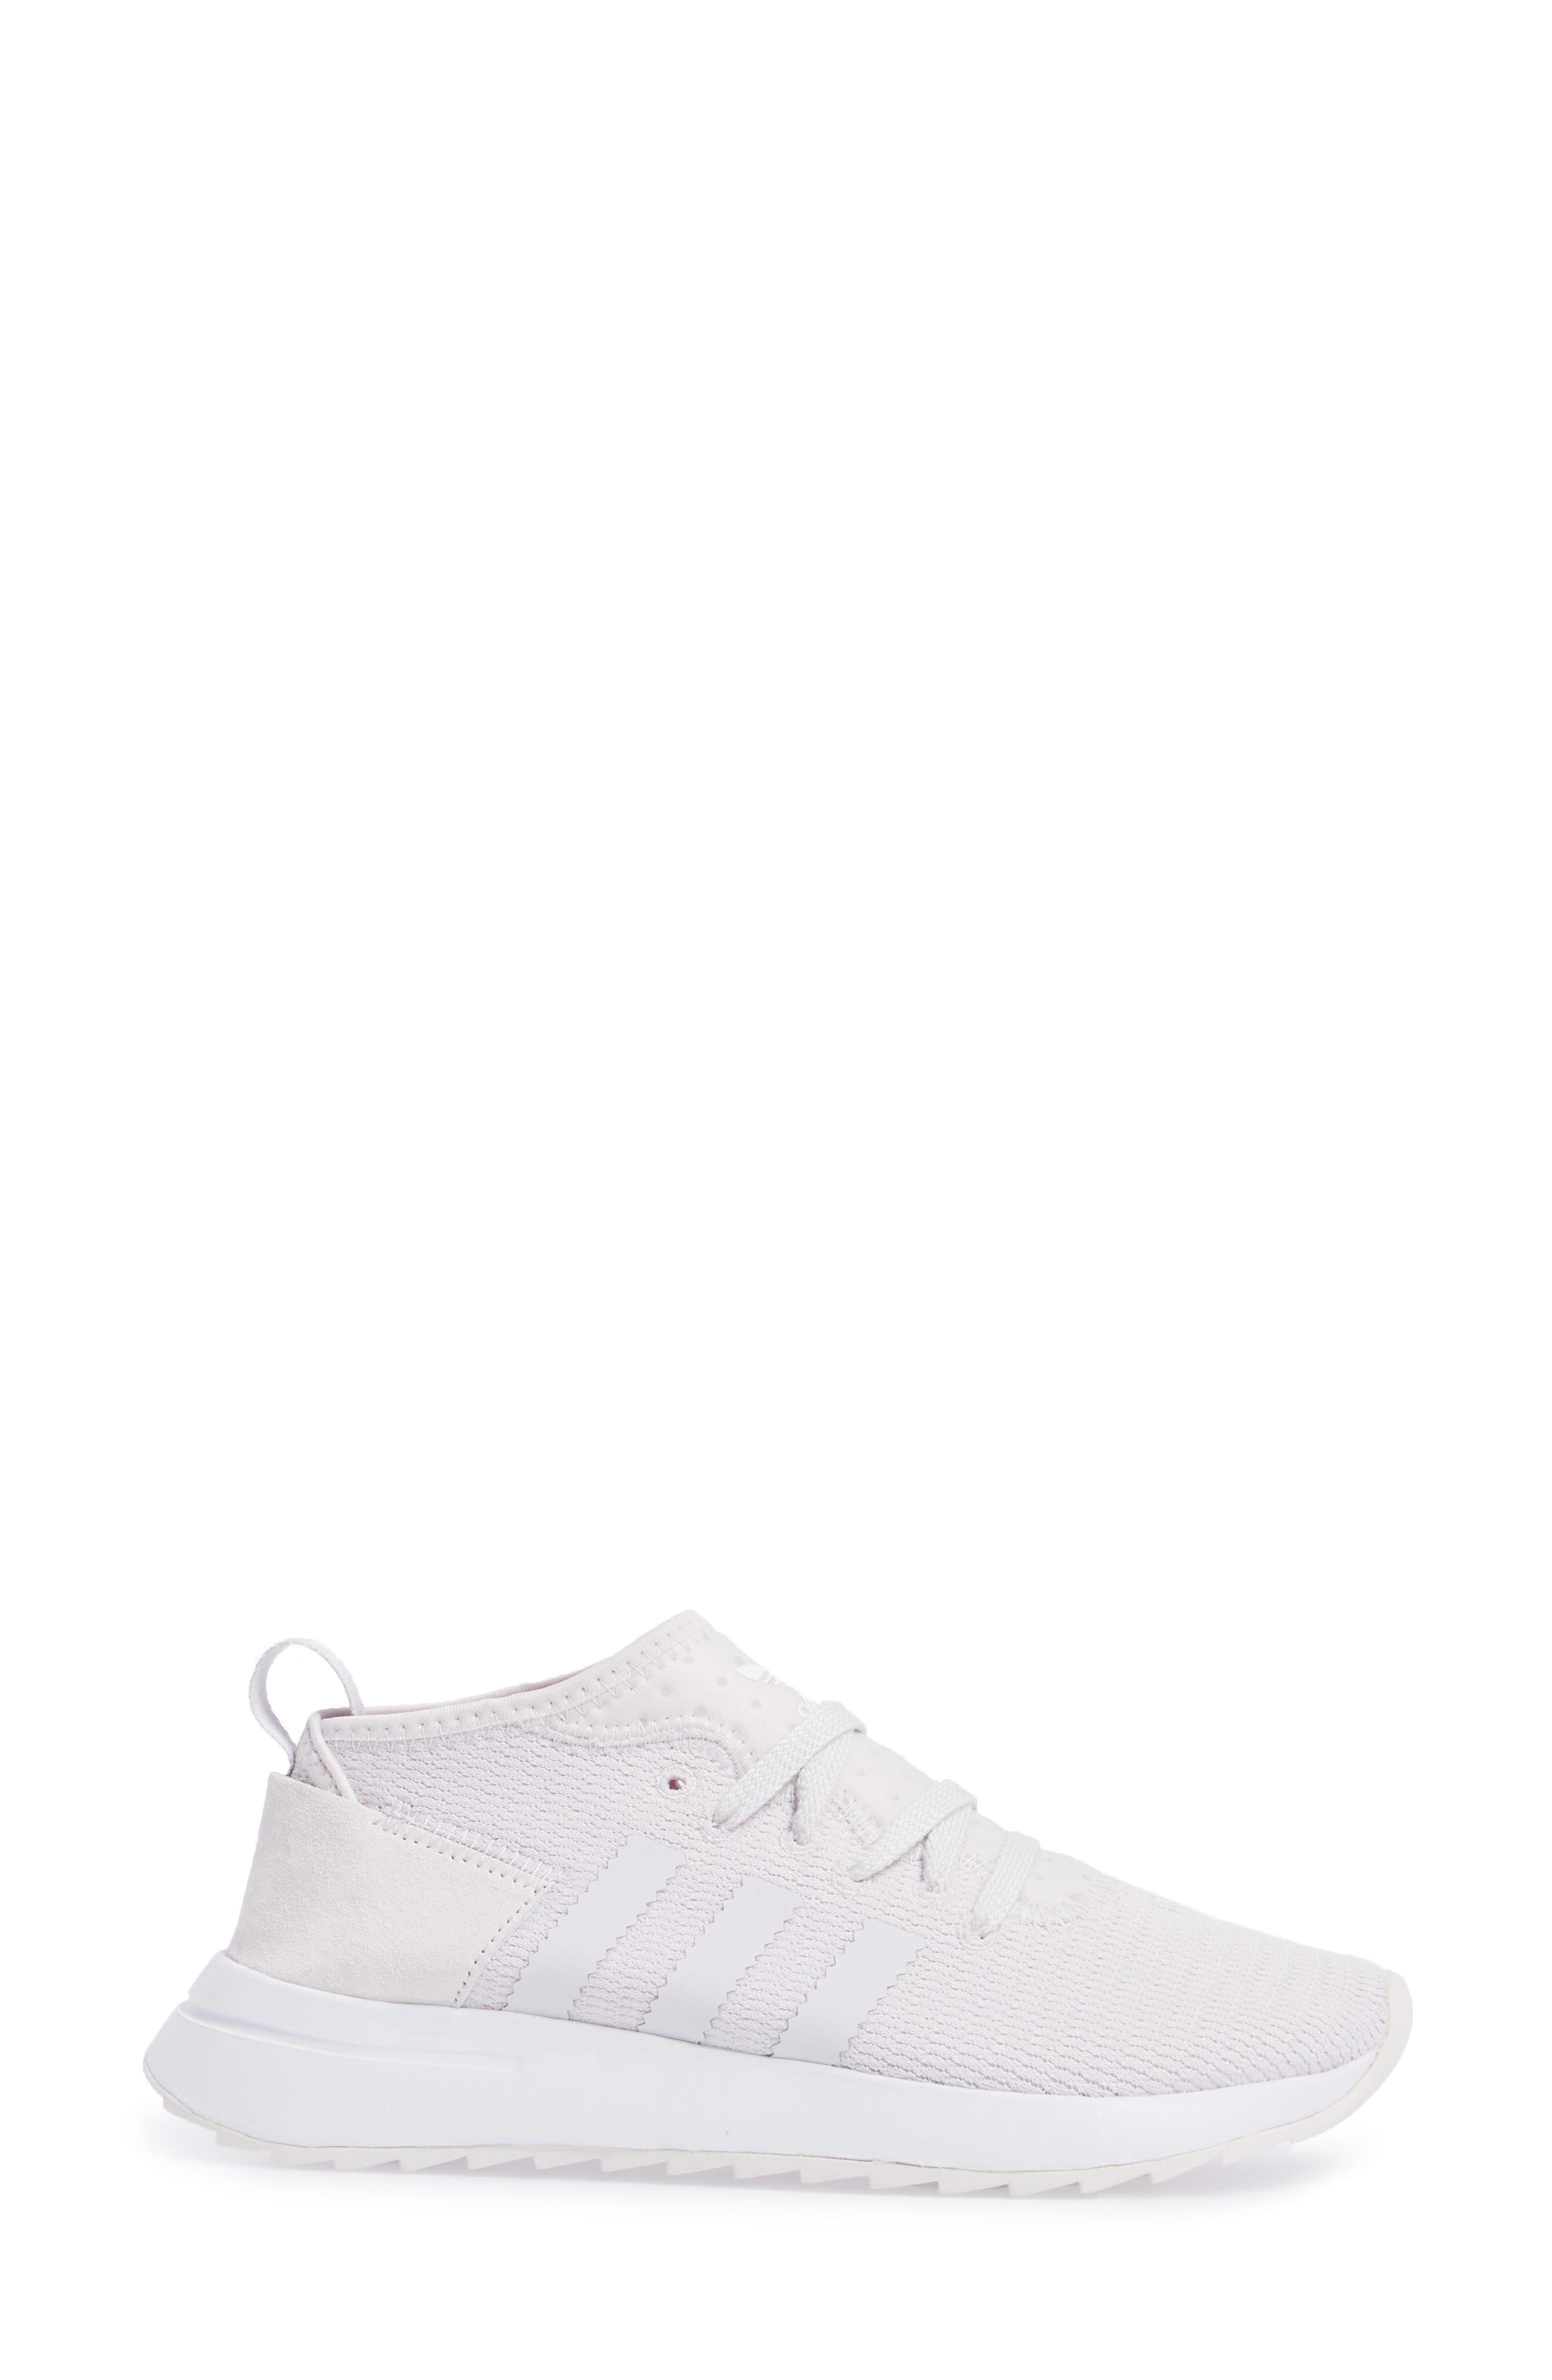 Flashback Winter Sneaker,                             Alternate thumbnail 3, color,                             Grey/ White